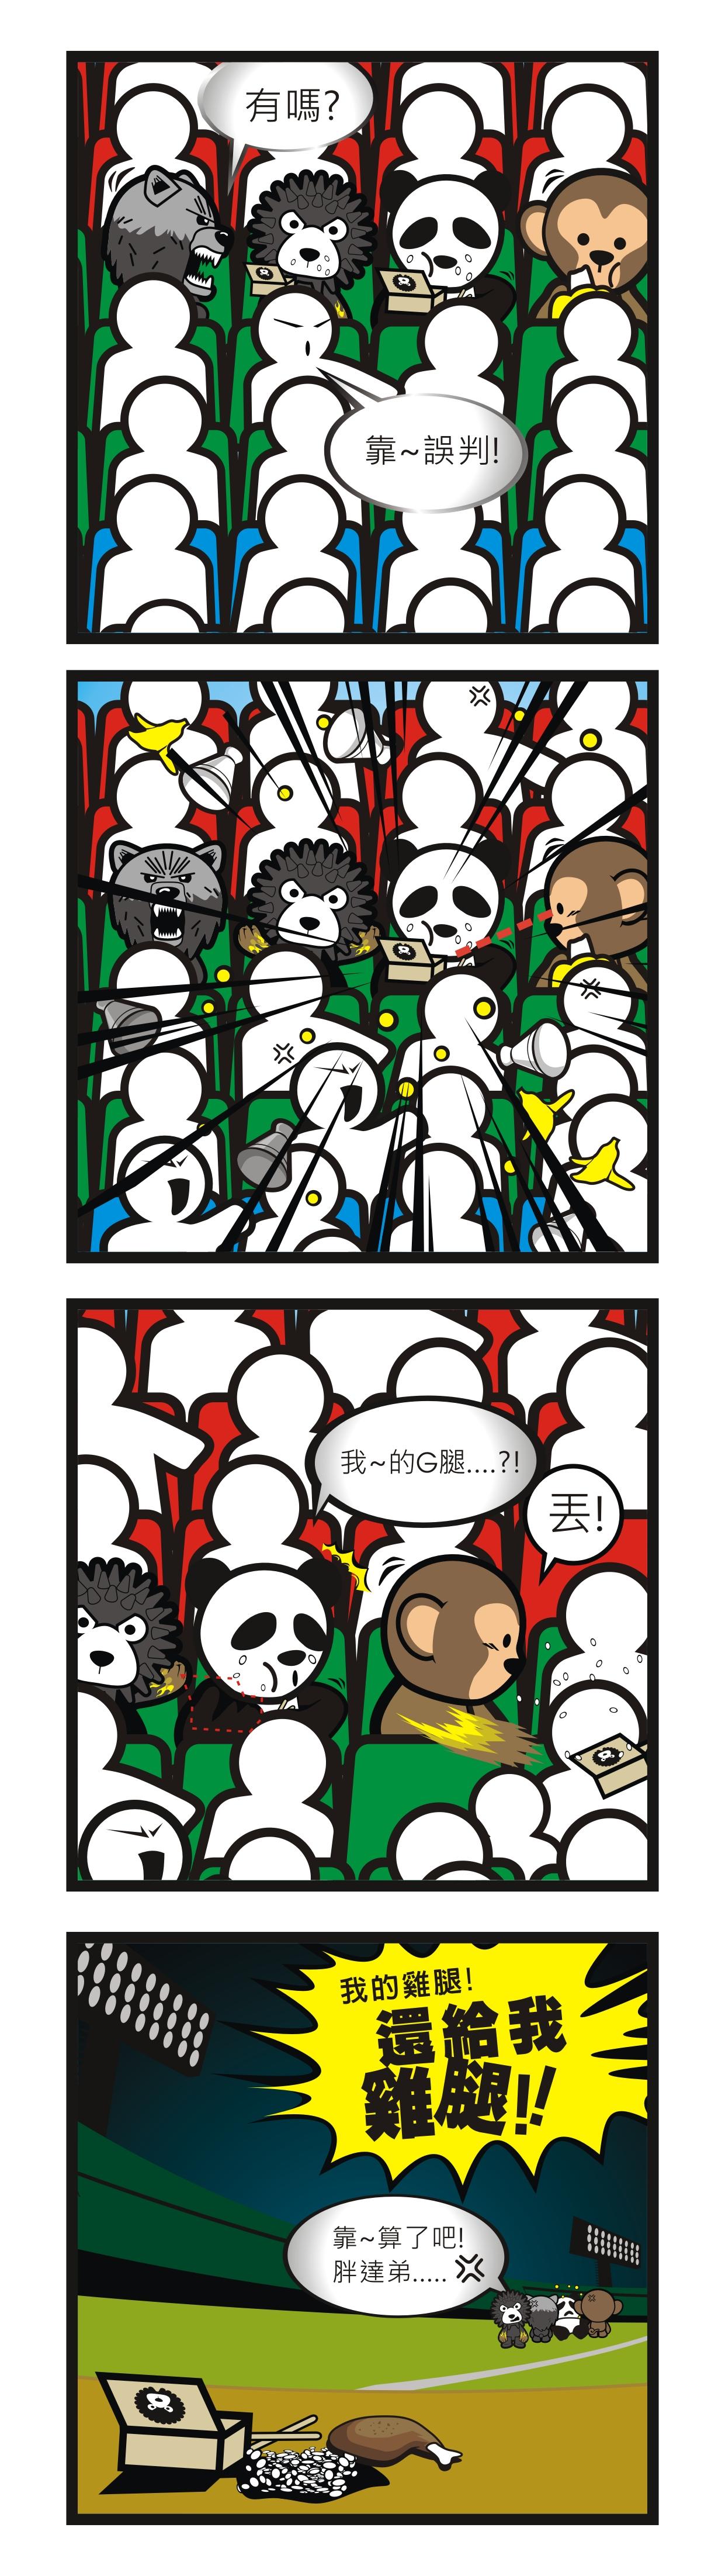 Vol.98 20110422